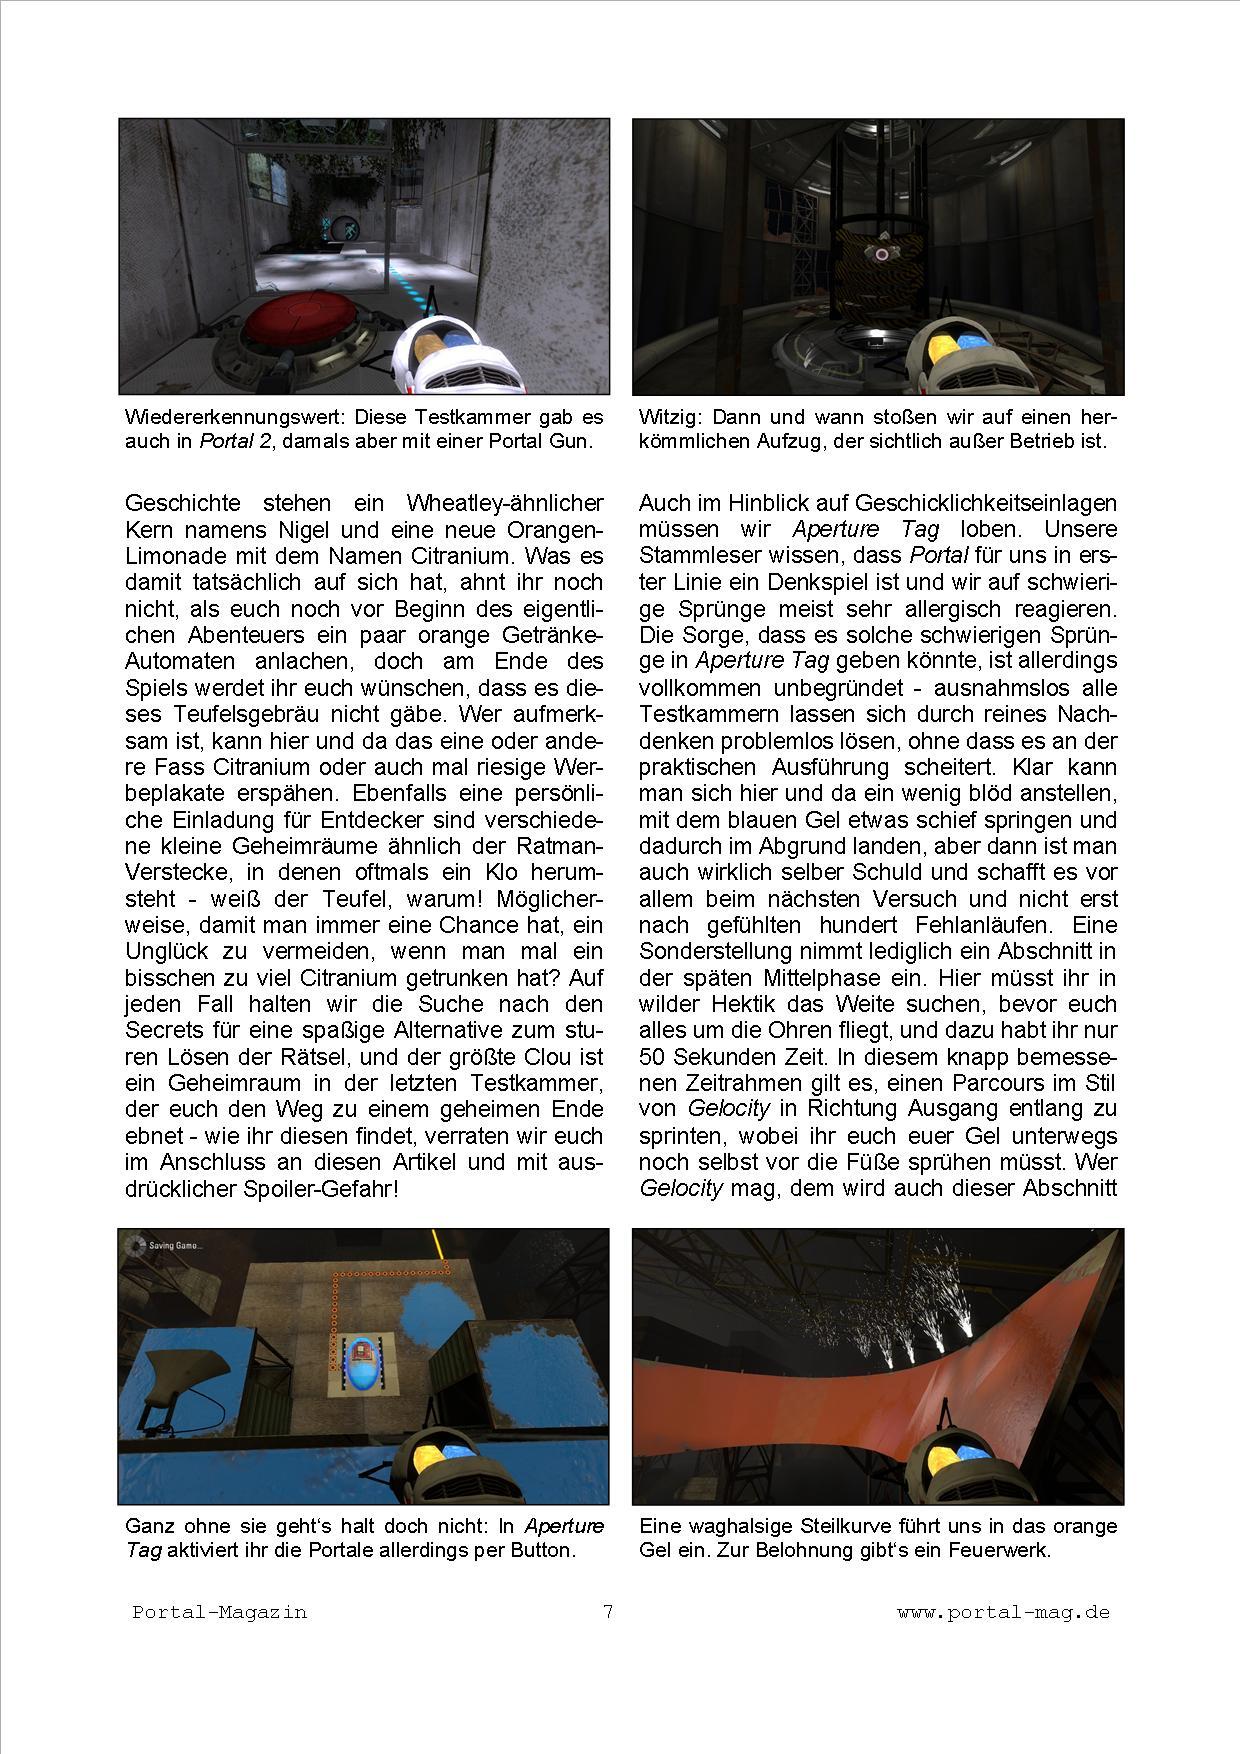 Ausgabe 26, Seite 7